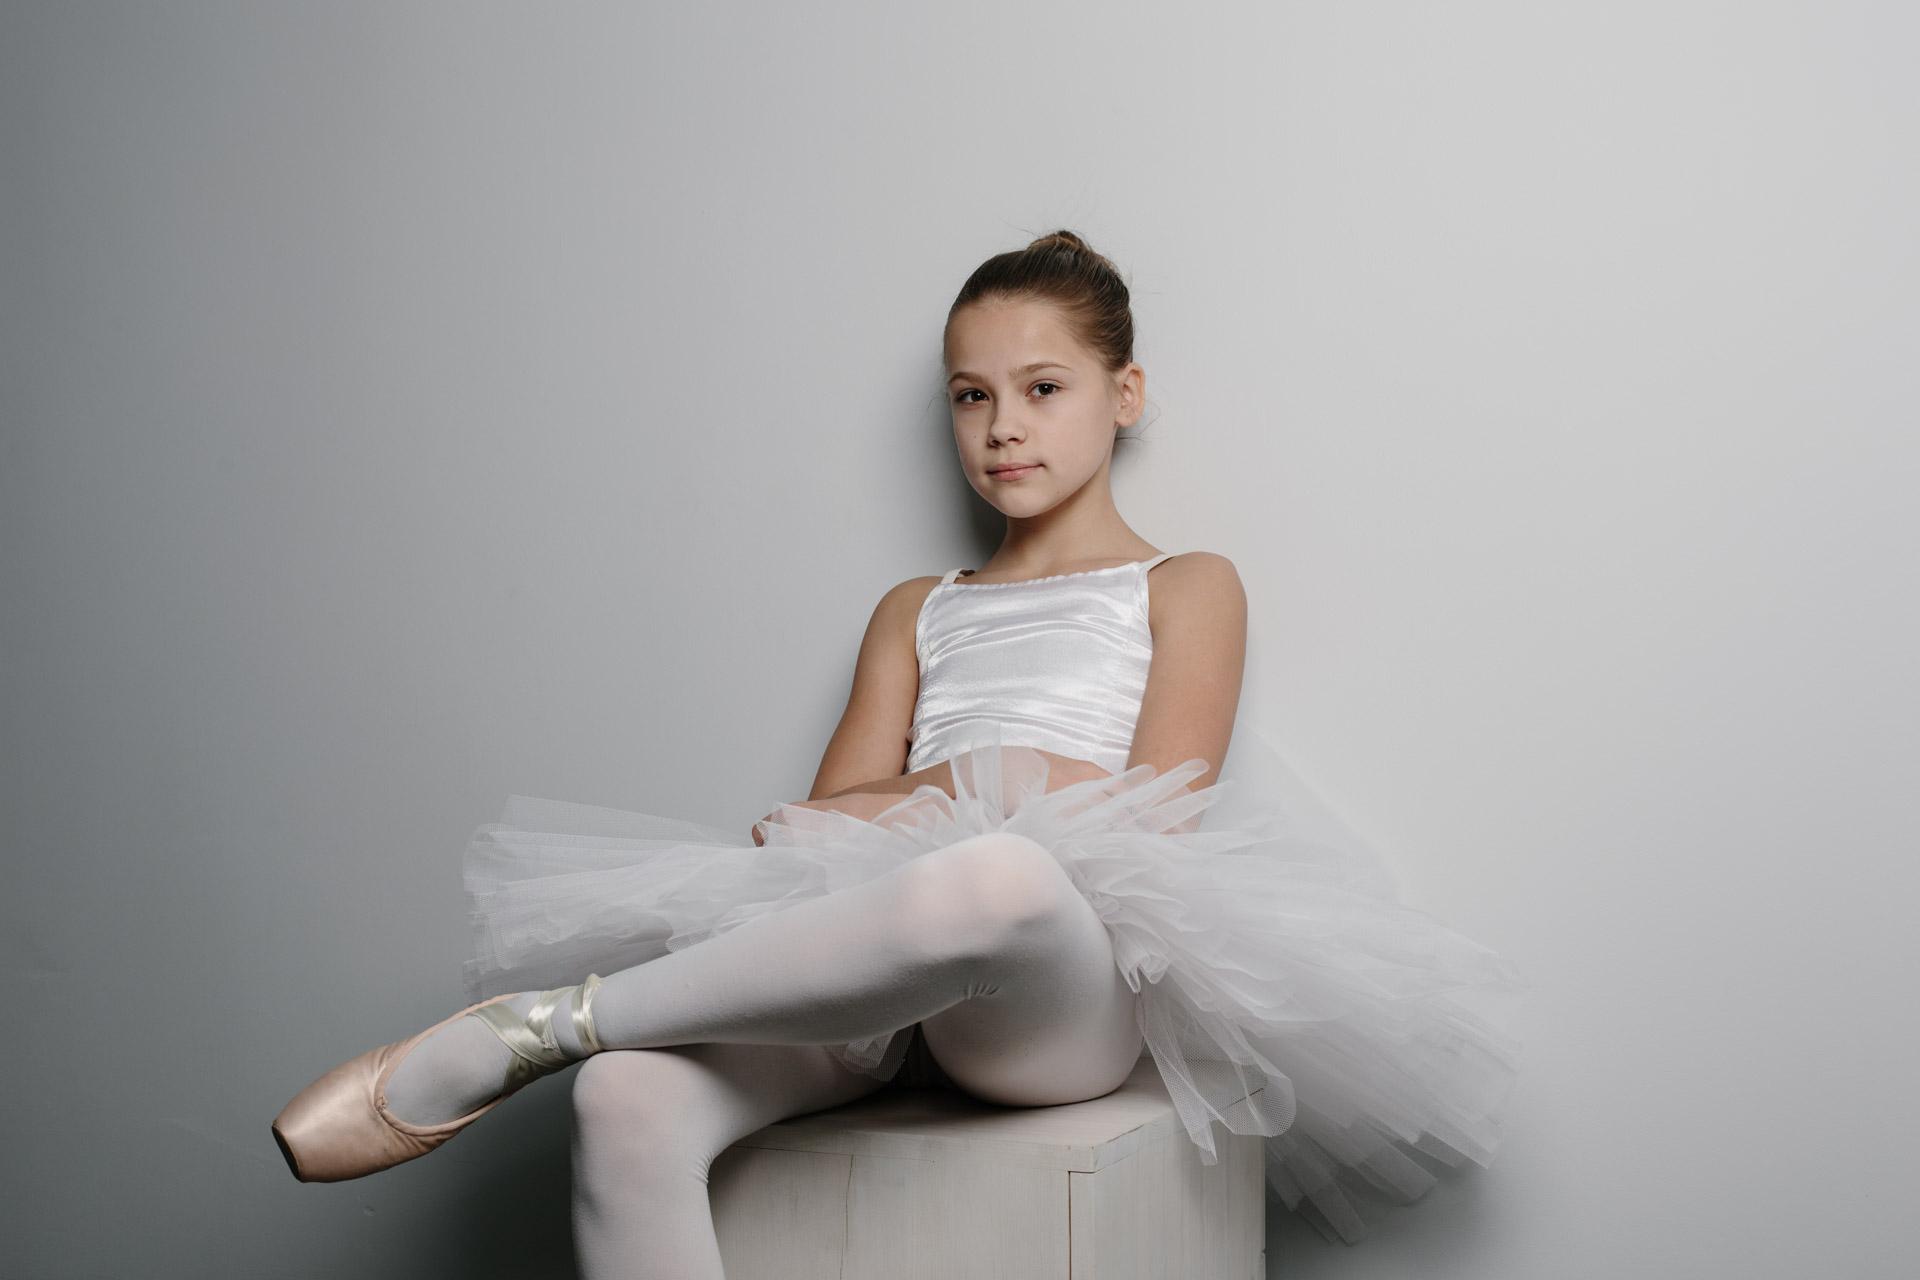 Хорошие фотографии Ульяны в студии на сером фоне